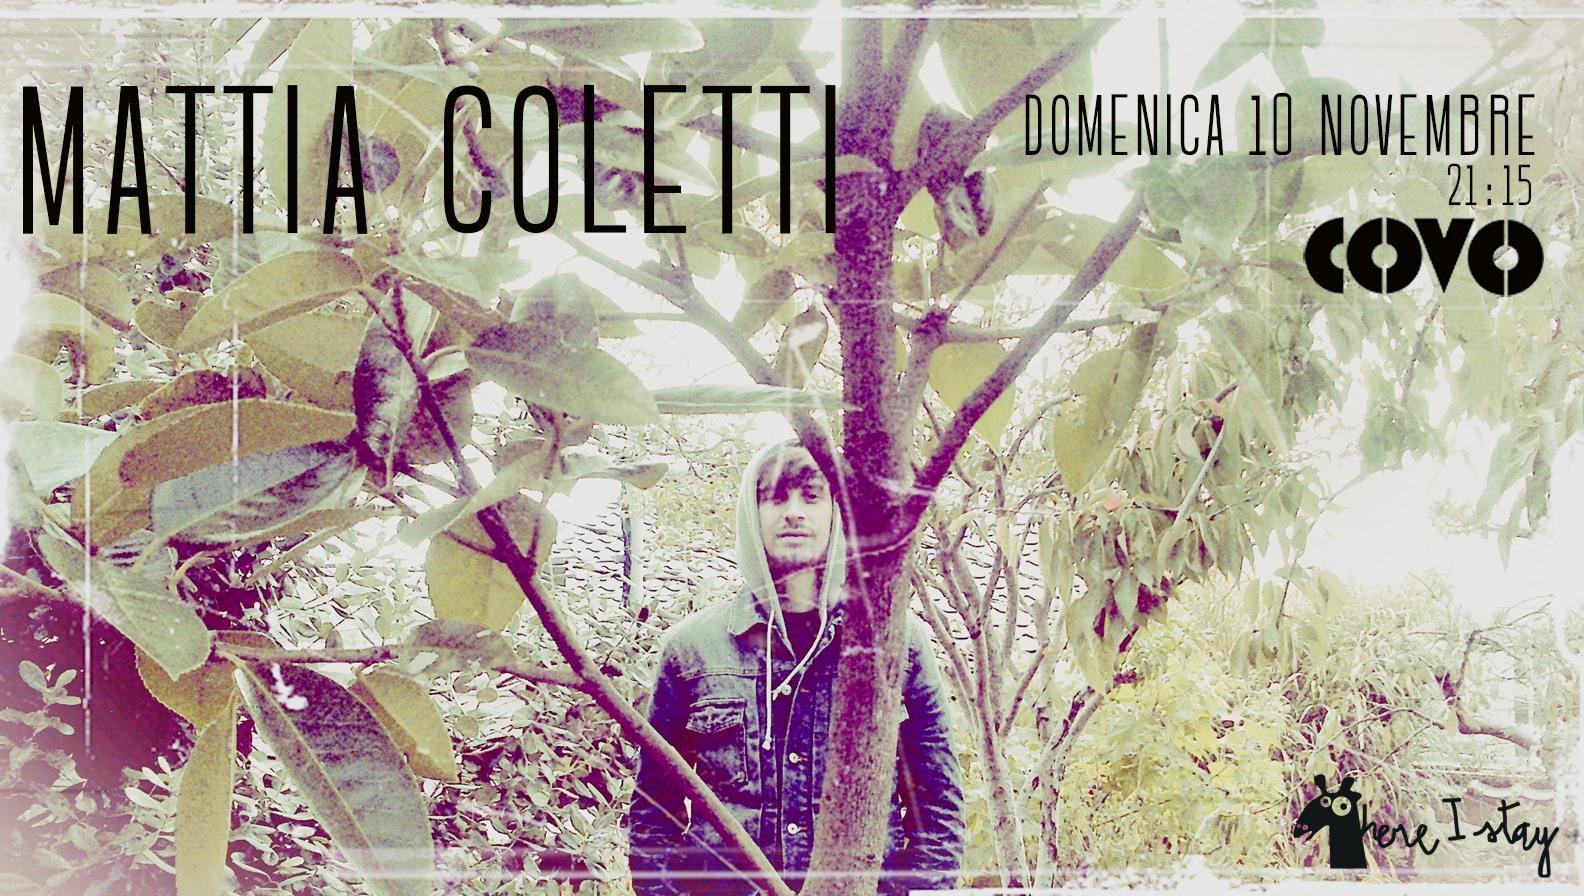 MATTIA COLETTI live